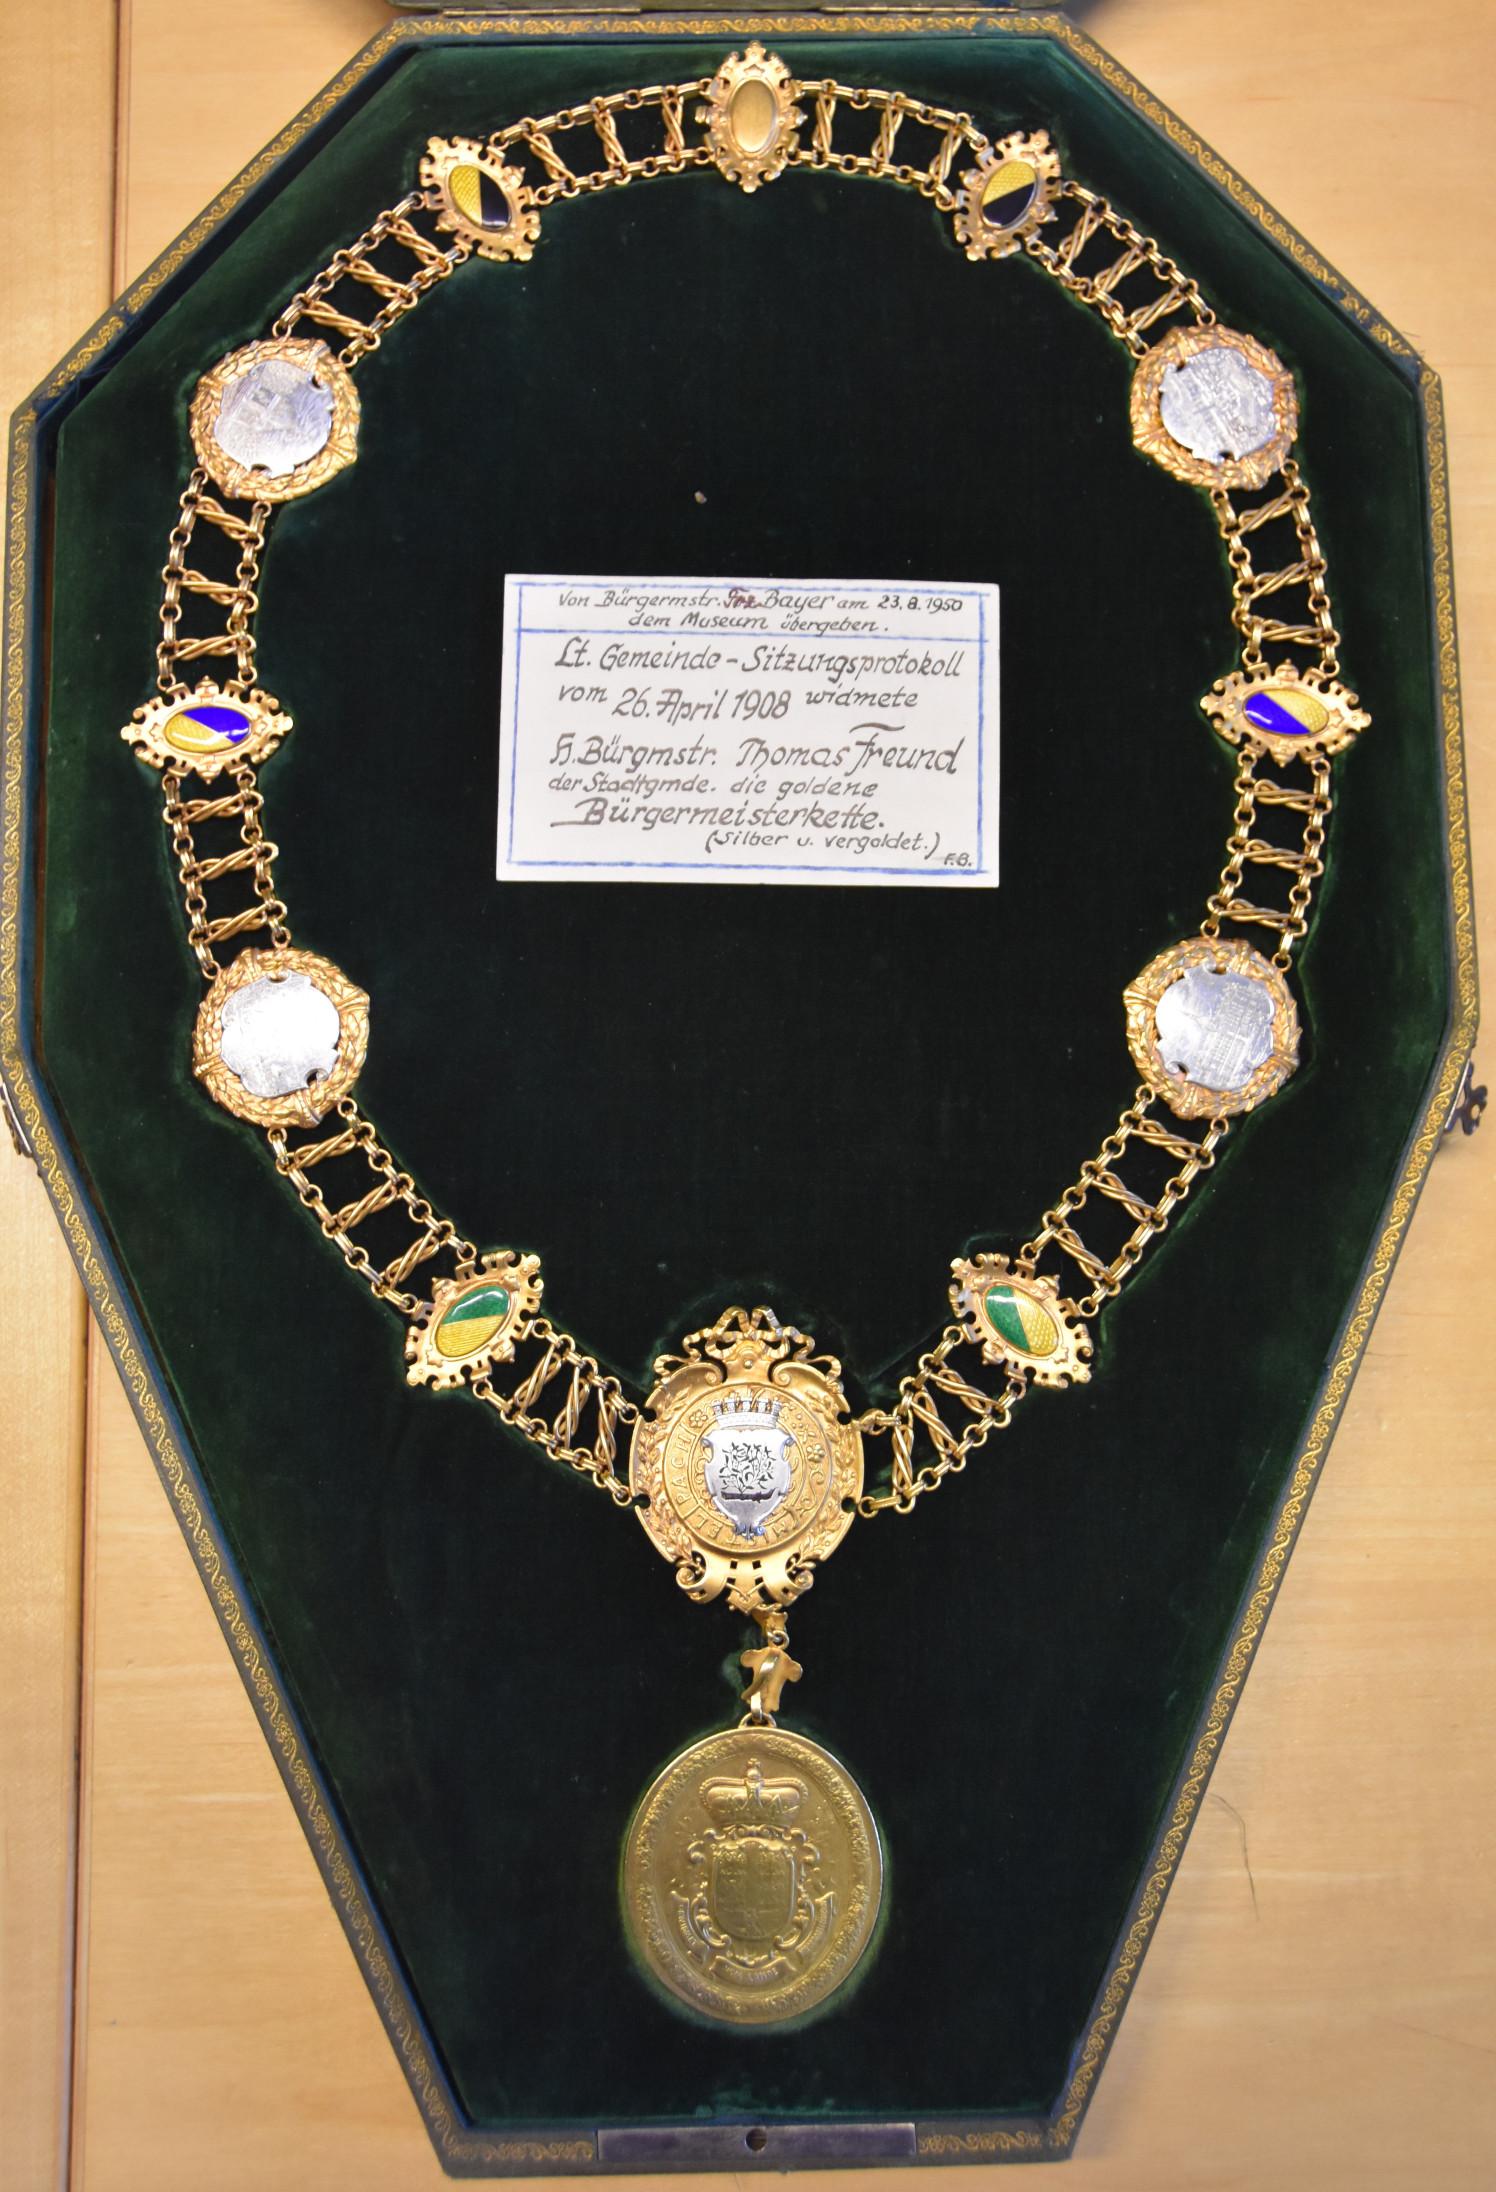 Die von Bürgermeister Freund gestiftete Bürgermeisterkette im Jahr 2019